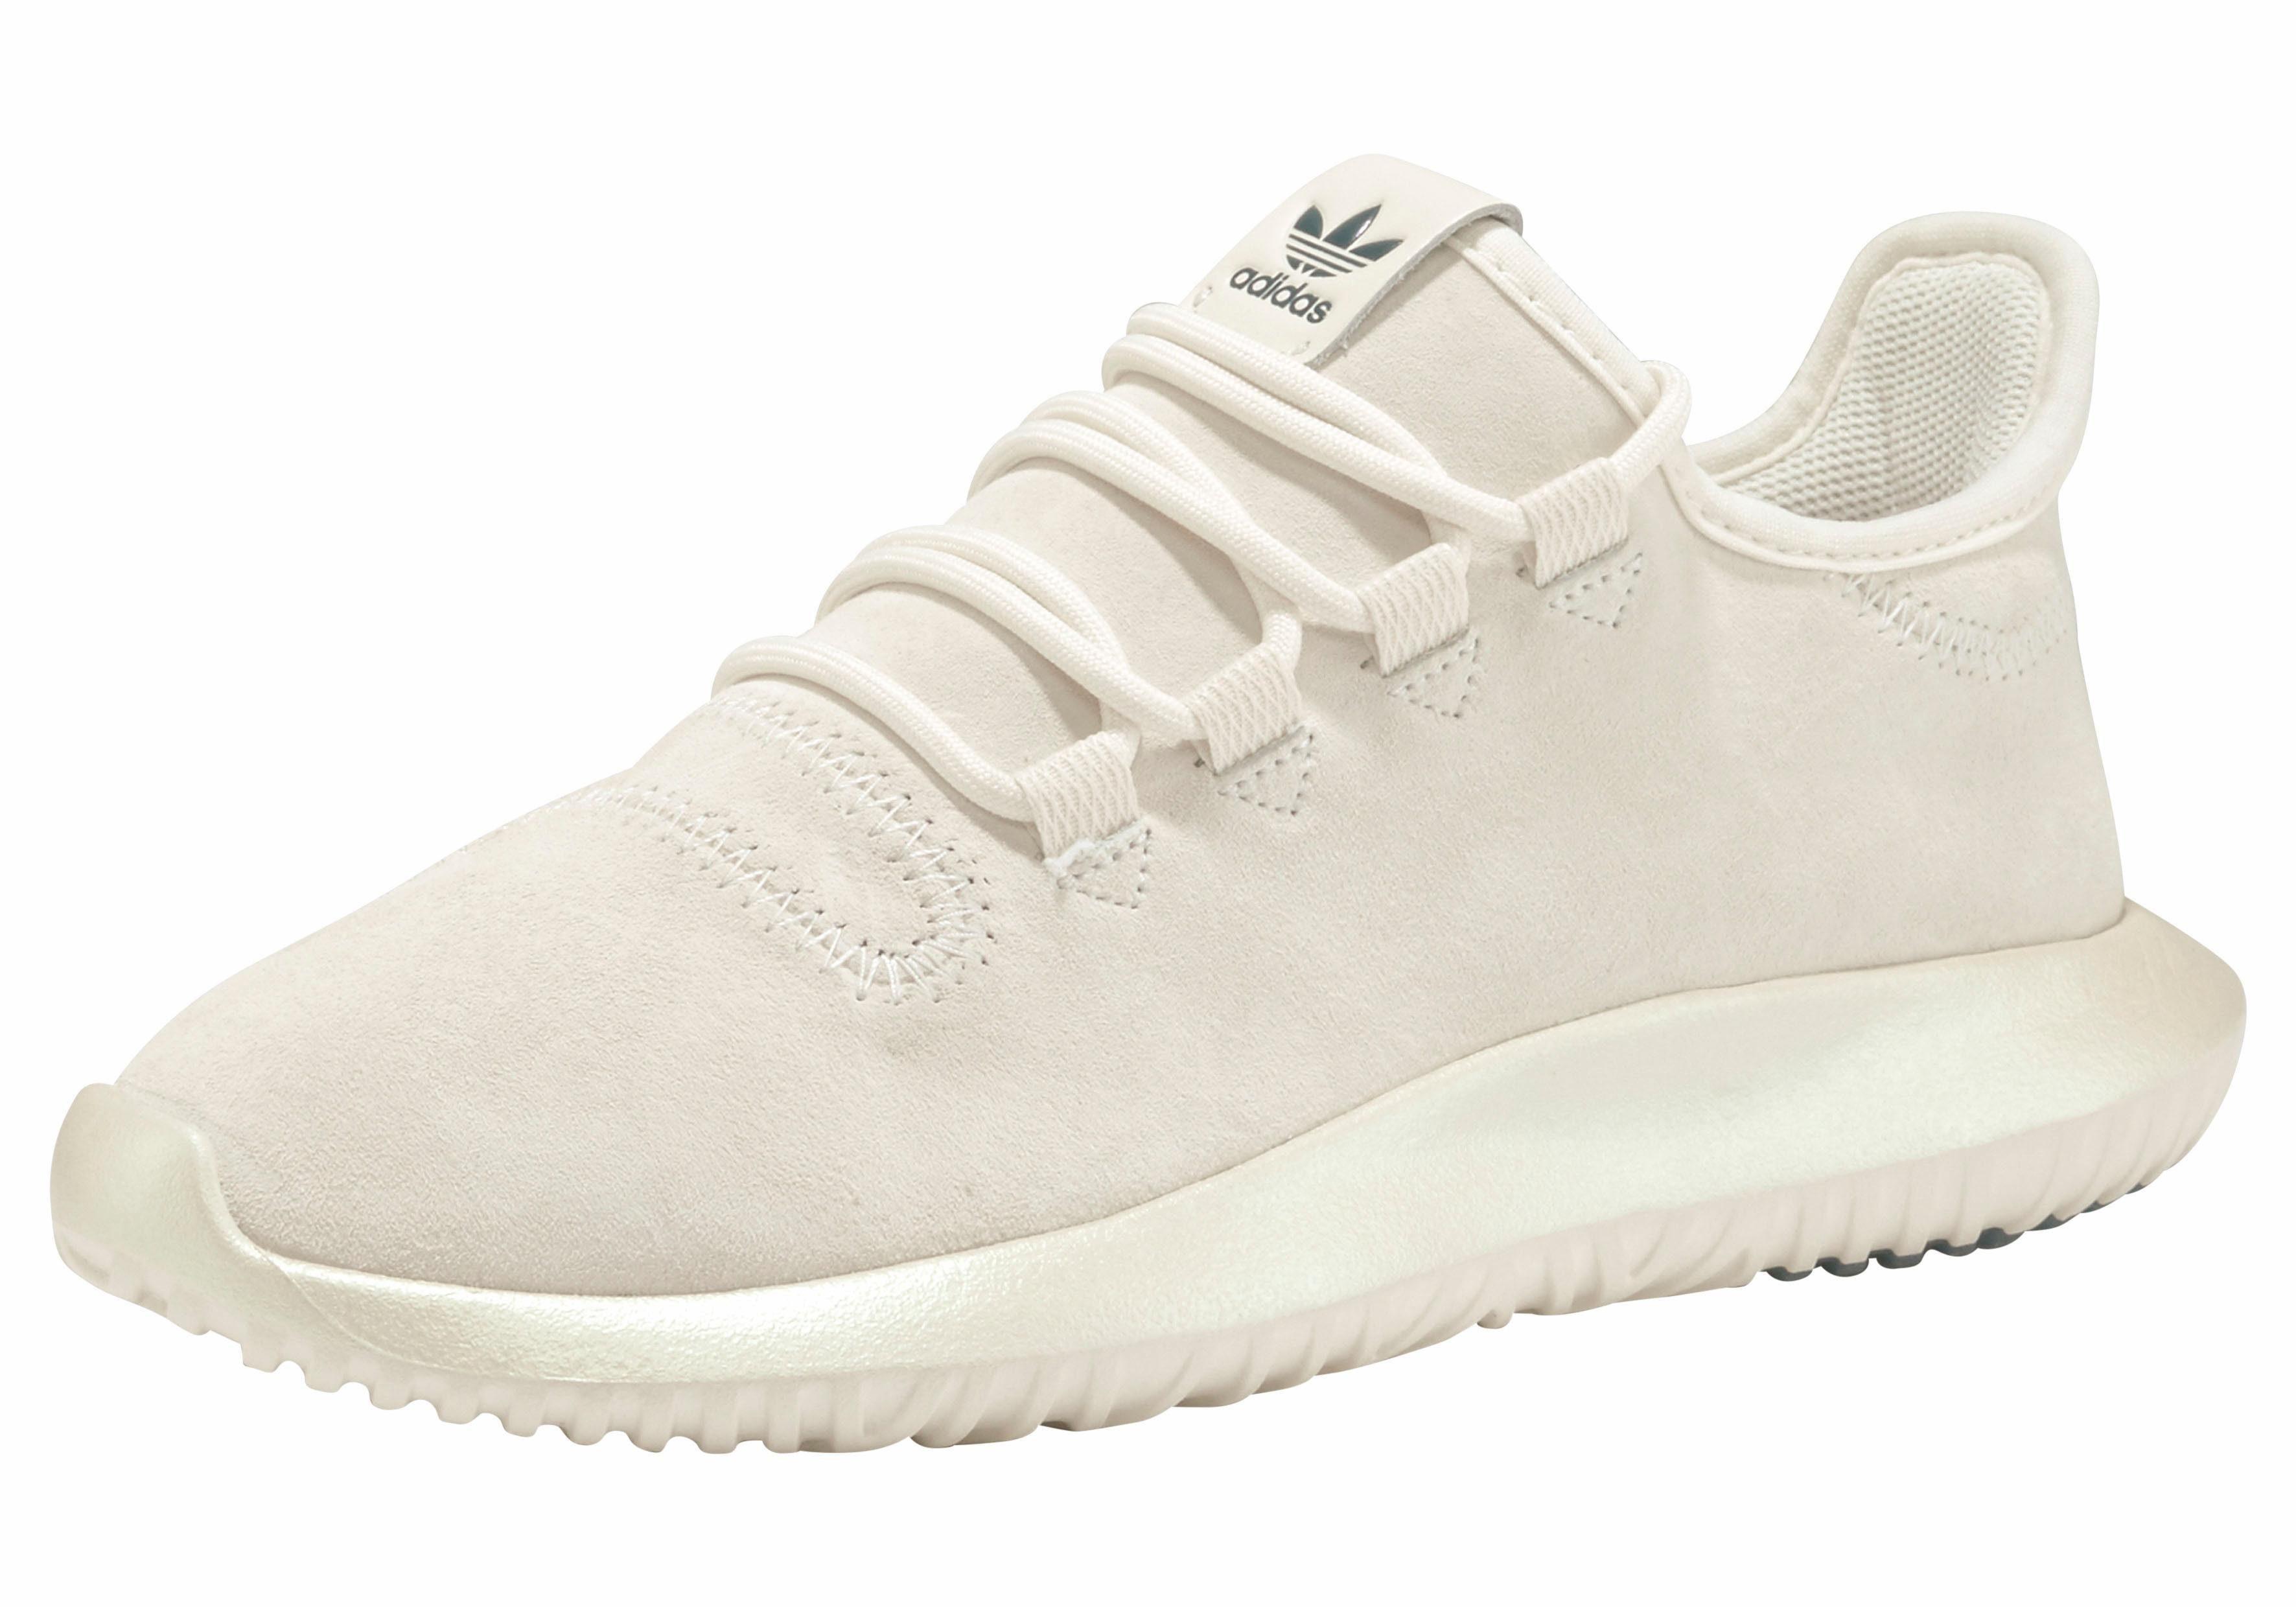 Shadow Obermaterial KaufenOtto Veloursleder Adidas W« Online Aus »tubular Originals SneakerWeiches qUpjSMVLzG